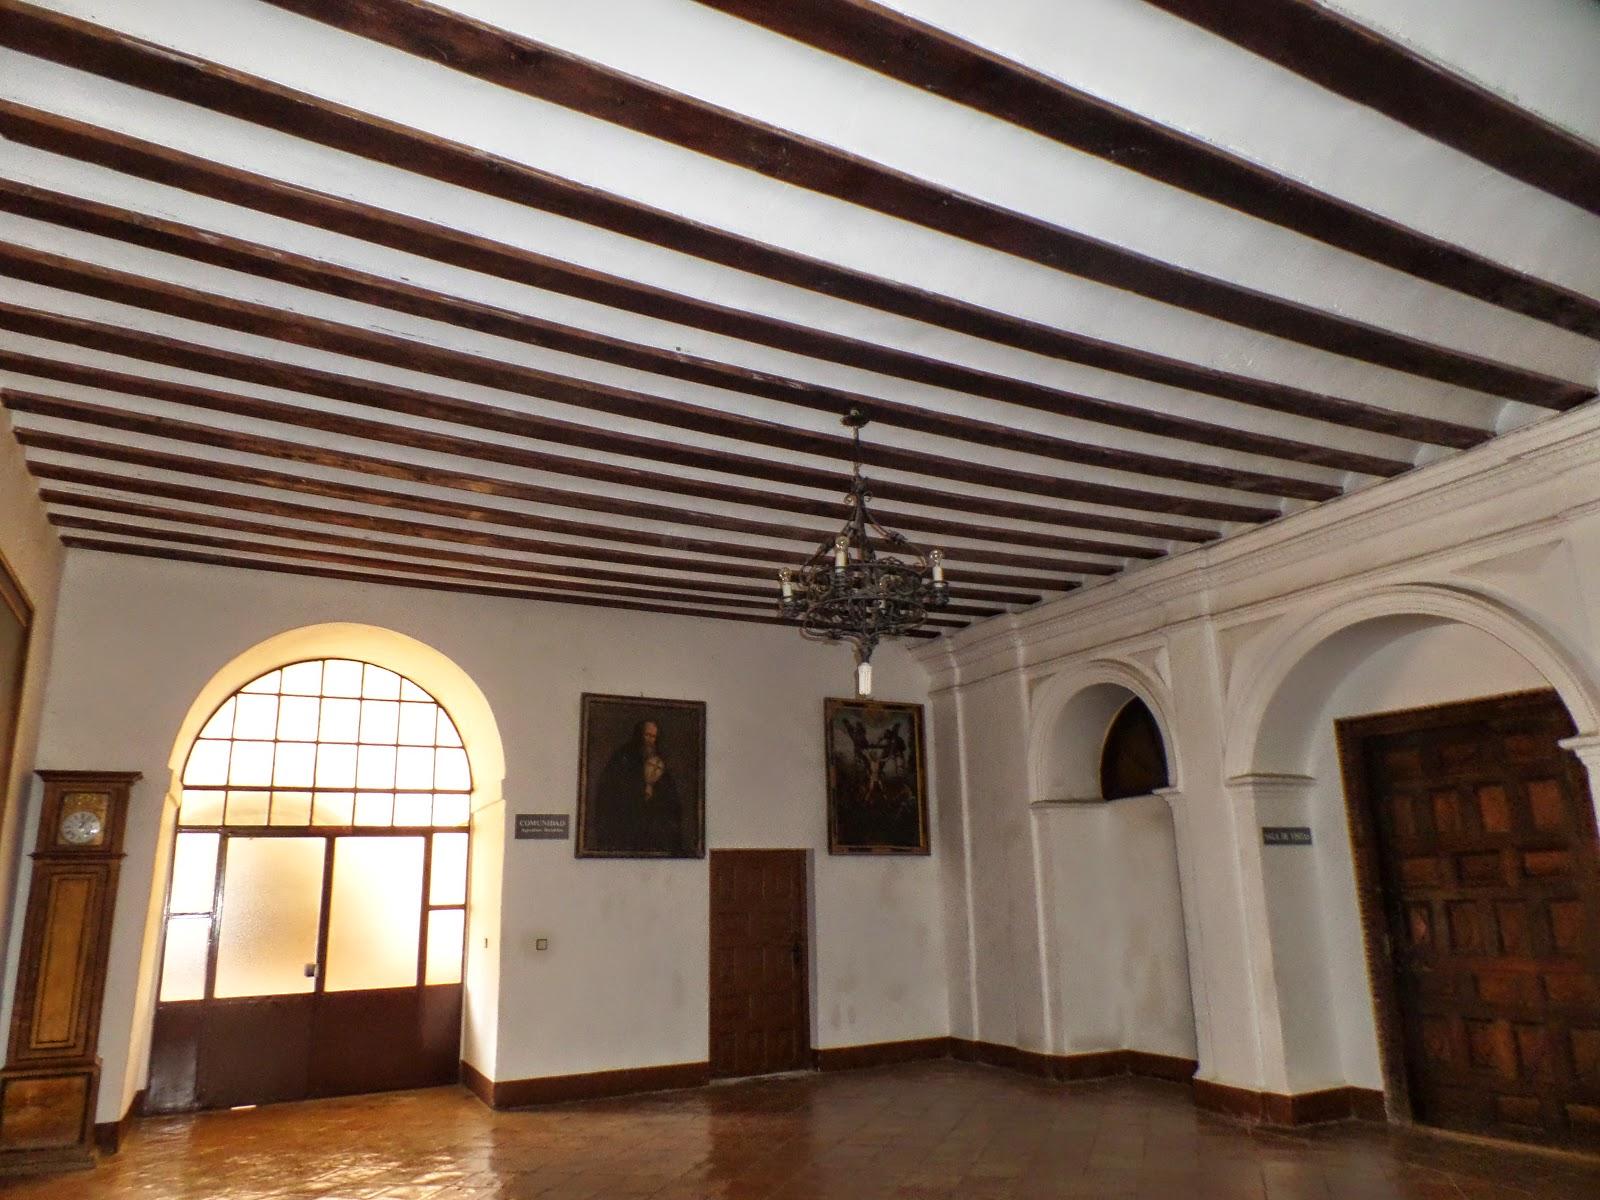 El Blog de María Serralba - LA RIOJA, lugar de vinos, historia y tradición - 10ª parte